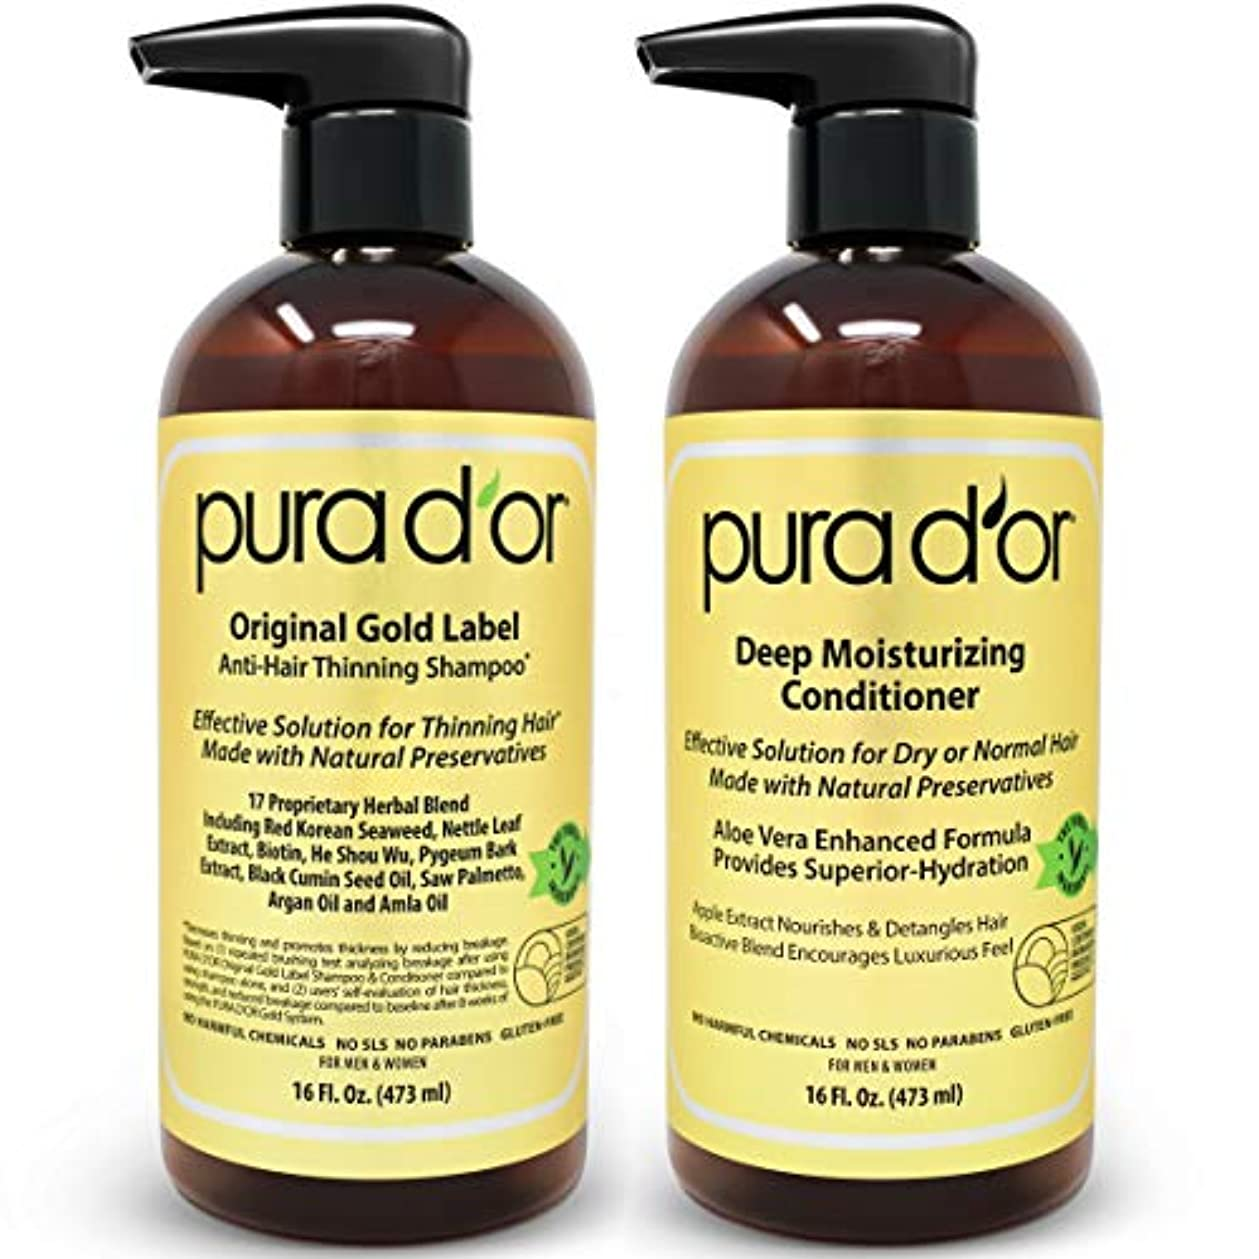 暴力的な紛争つばPURA D'OR オリジナル ゴールド ラベル 薄毛予防用 -臨床実験済み -アルガンオイル、ビオチン、天然原料、硫酸系化合物不使用、全髪タイプに、男性&女性用(パッケージは異なる場合があります) シャンプー&コンディショナー